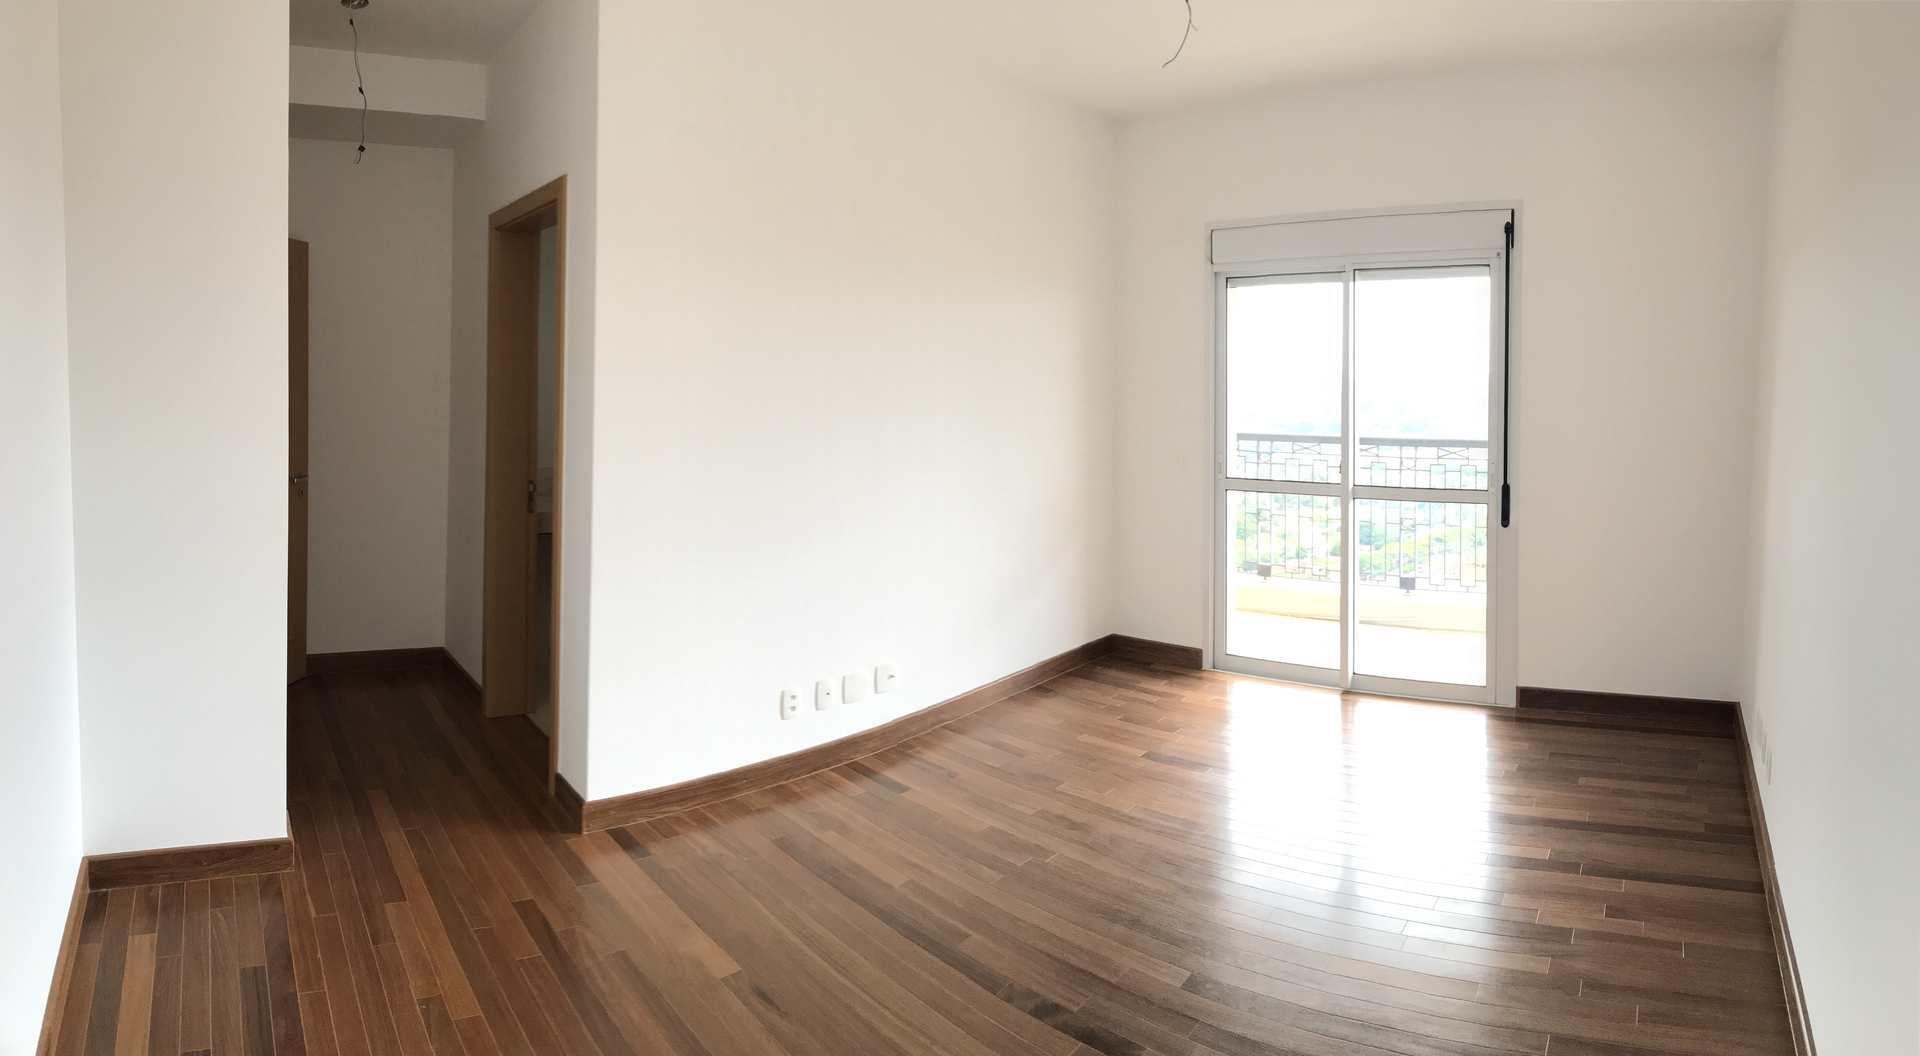 Apartamento com 4 dorms, Residencial Morro do Ipê, Ribeirão Preto - R$ 3.3 mi, Cod: 1722106